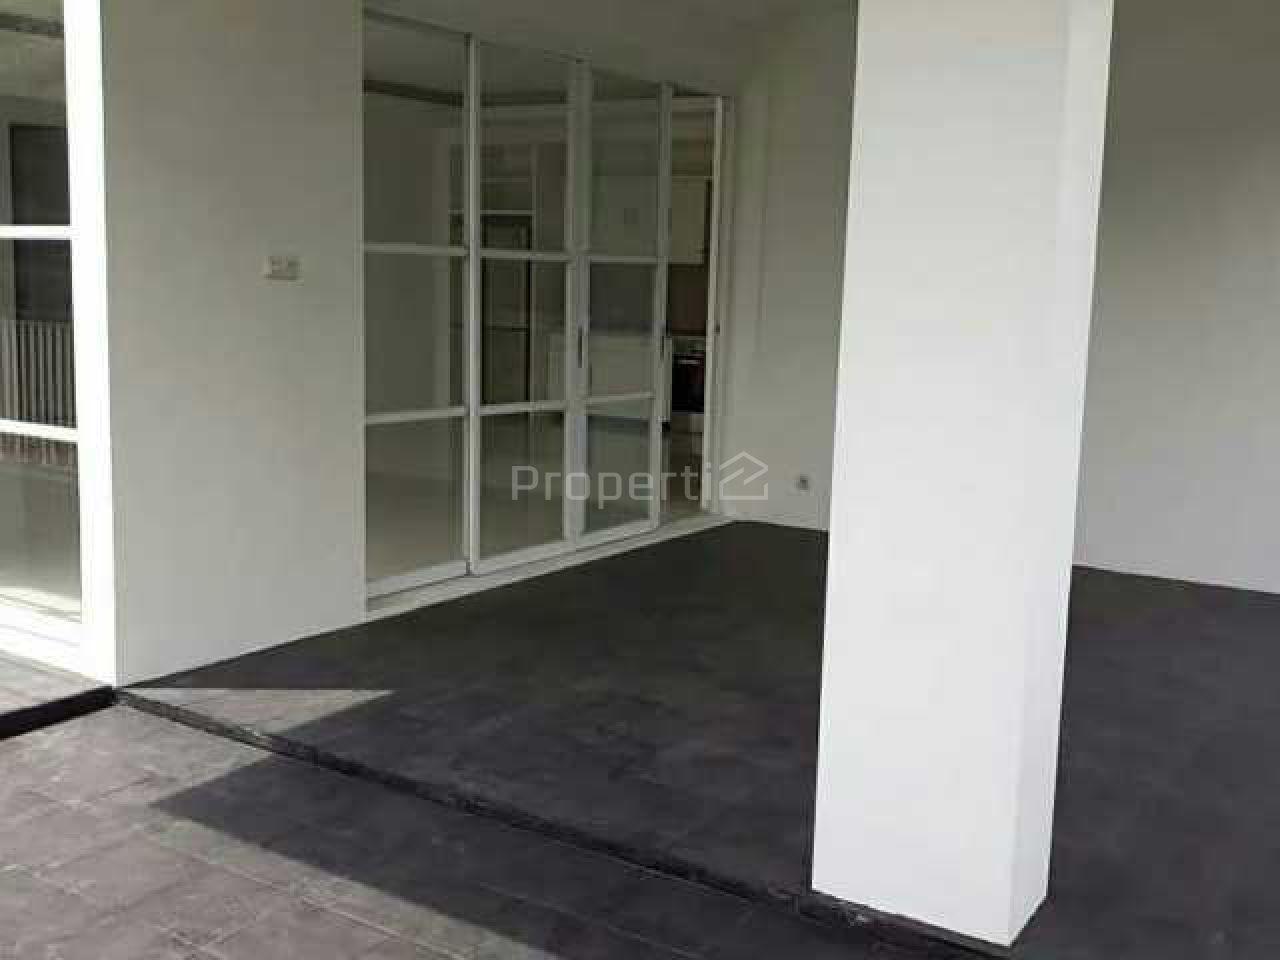 Rumah Baru Minimalis 3 Lantai di Cilandak, Jakarta Selatan